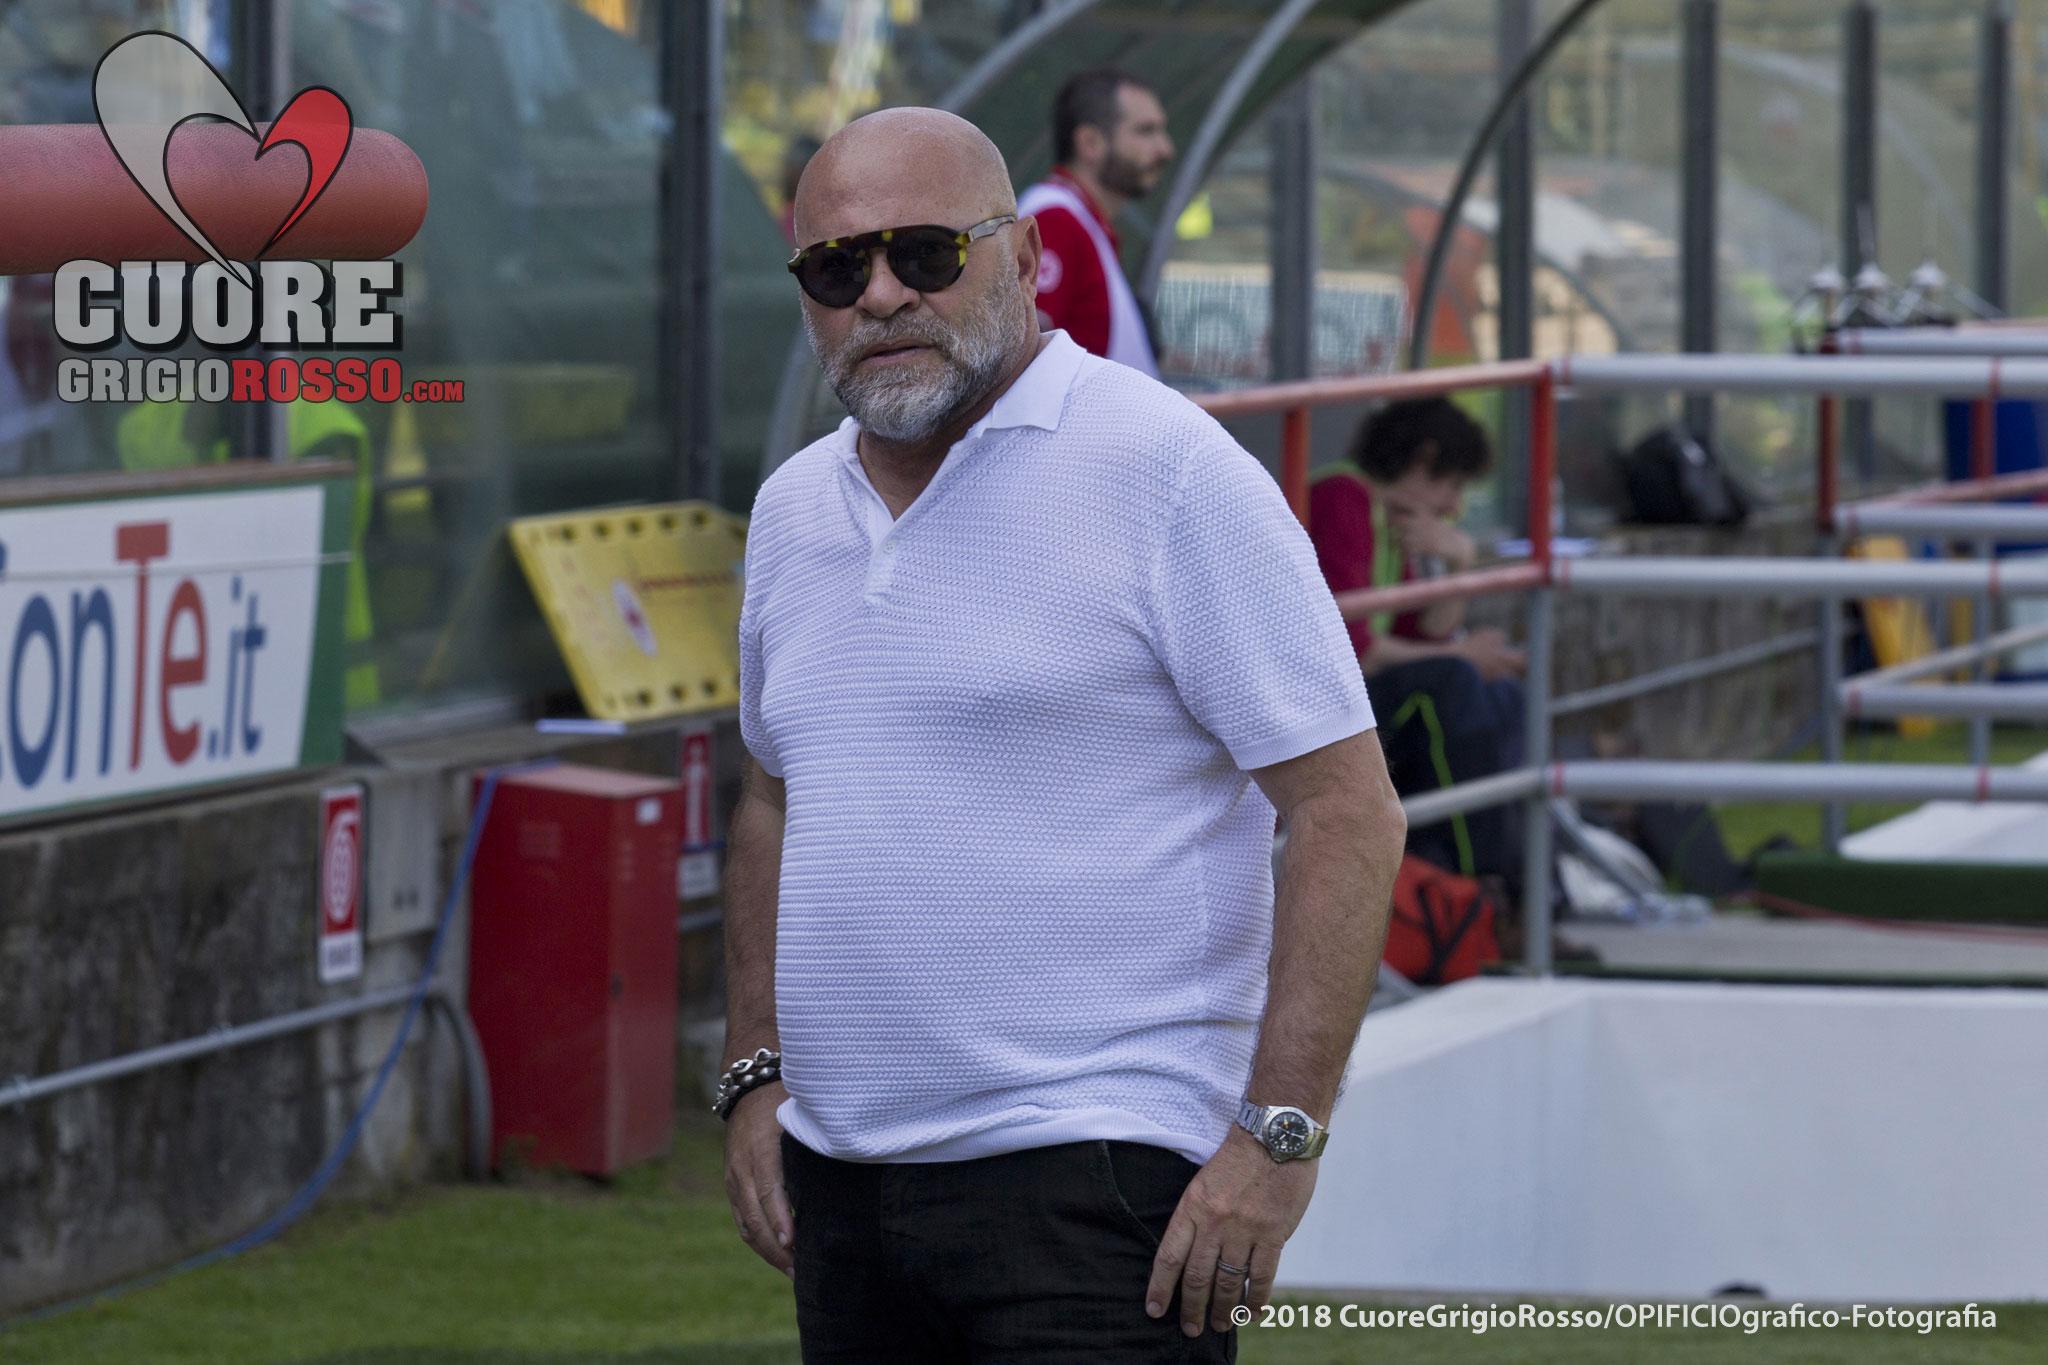 Serie B, Serse Cosmi nuovo mister del Perugia